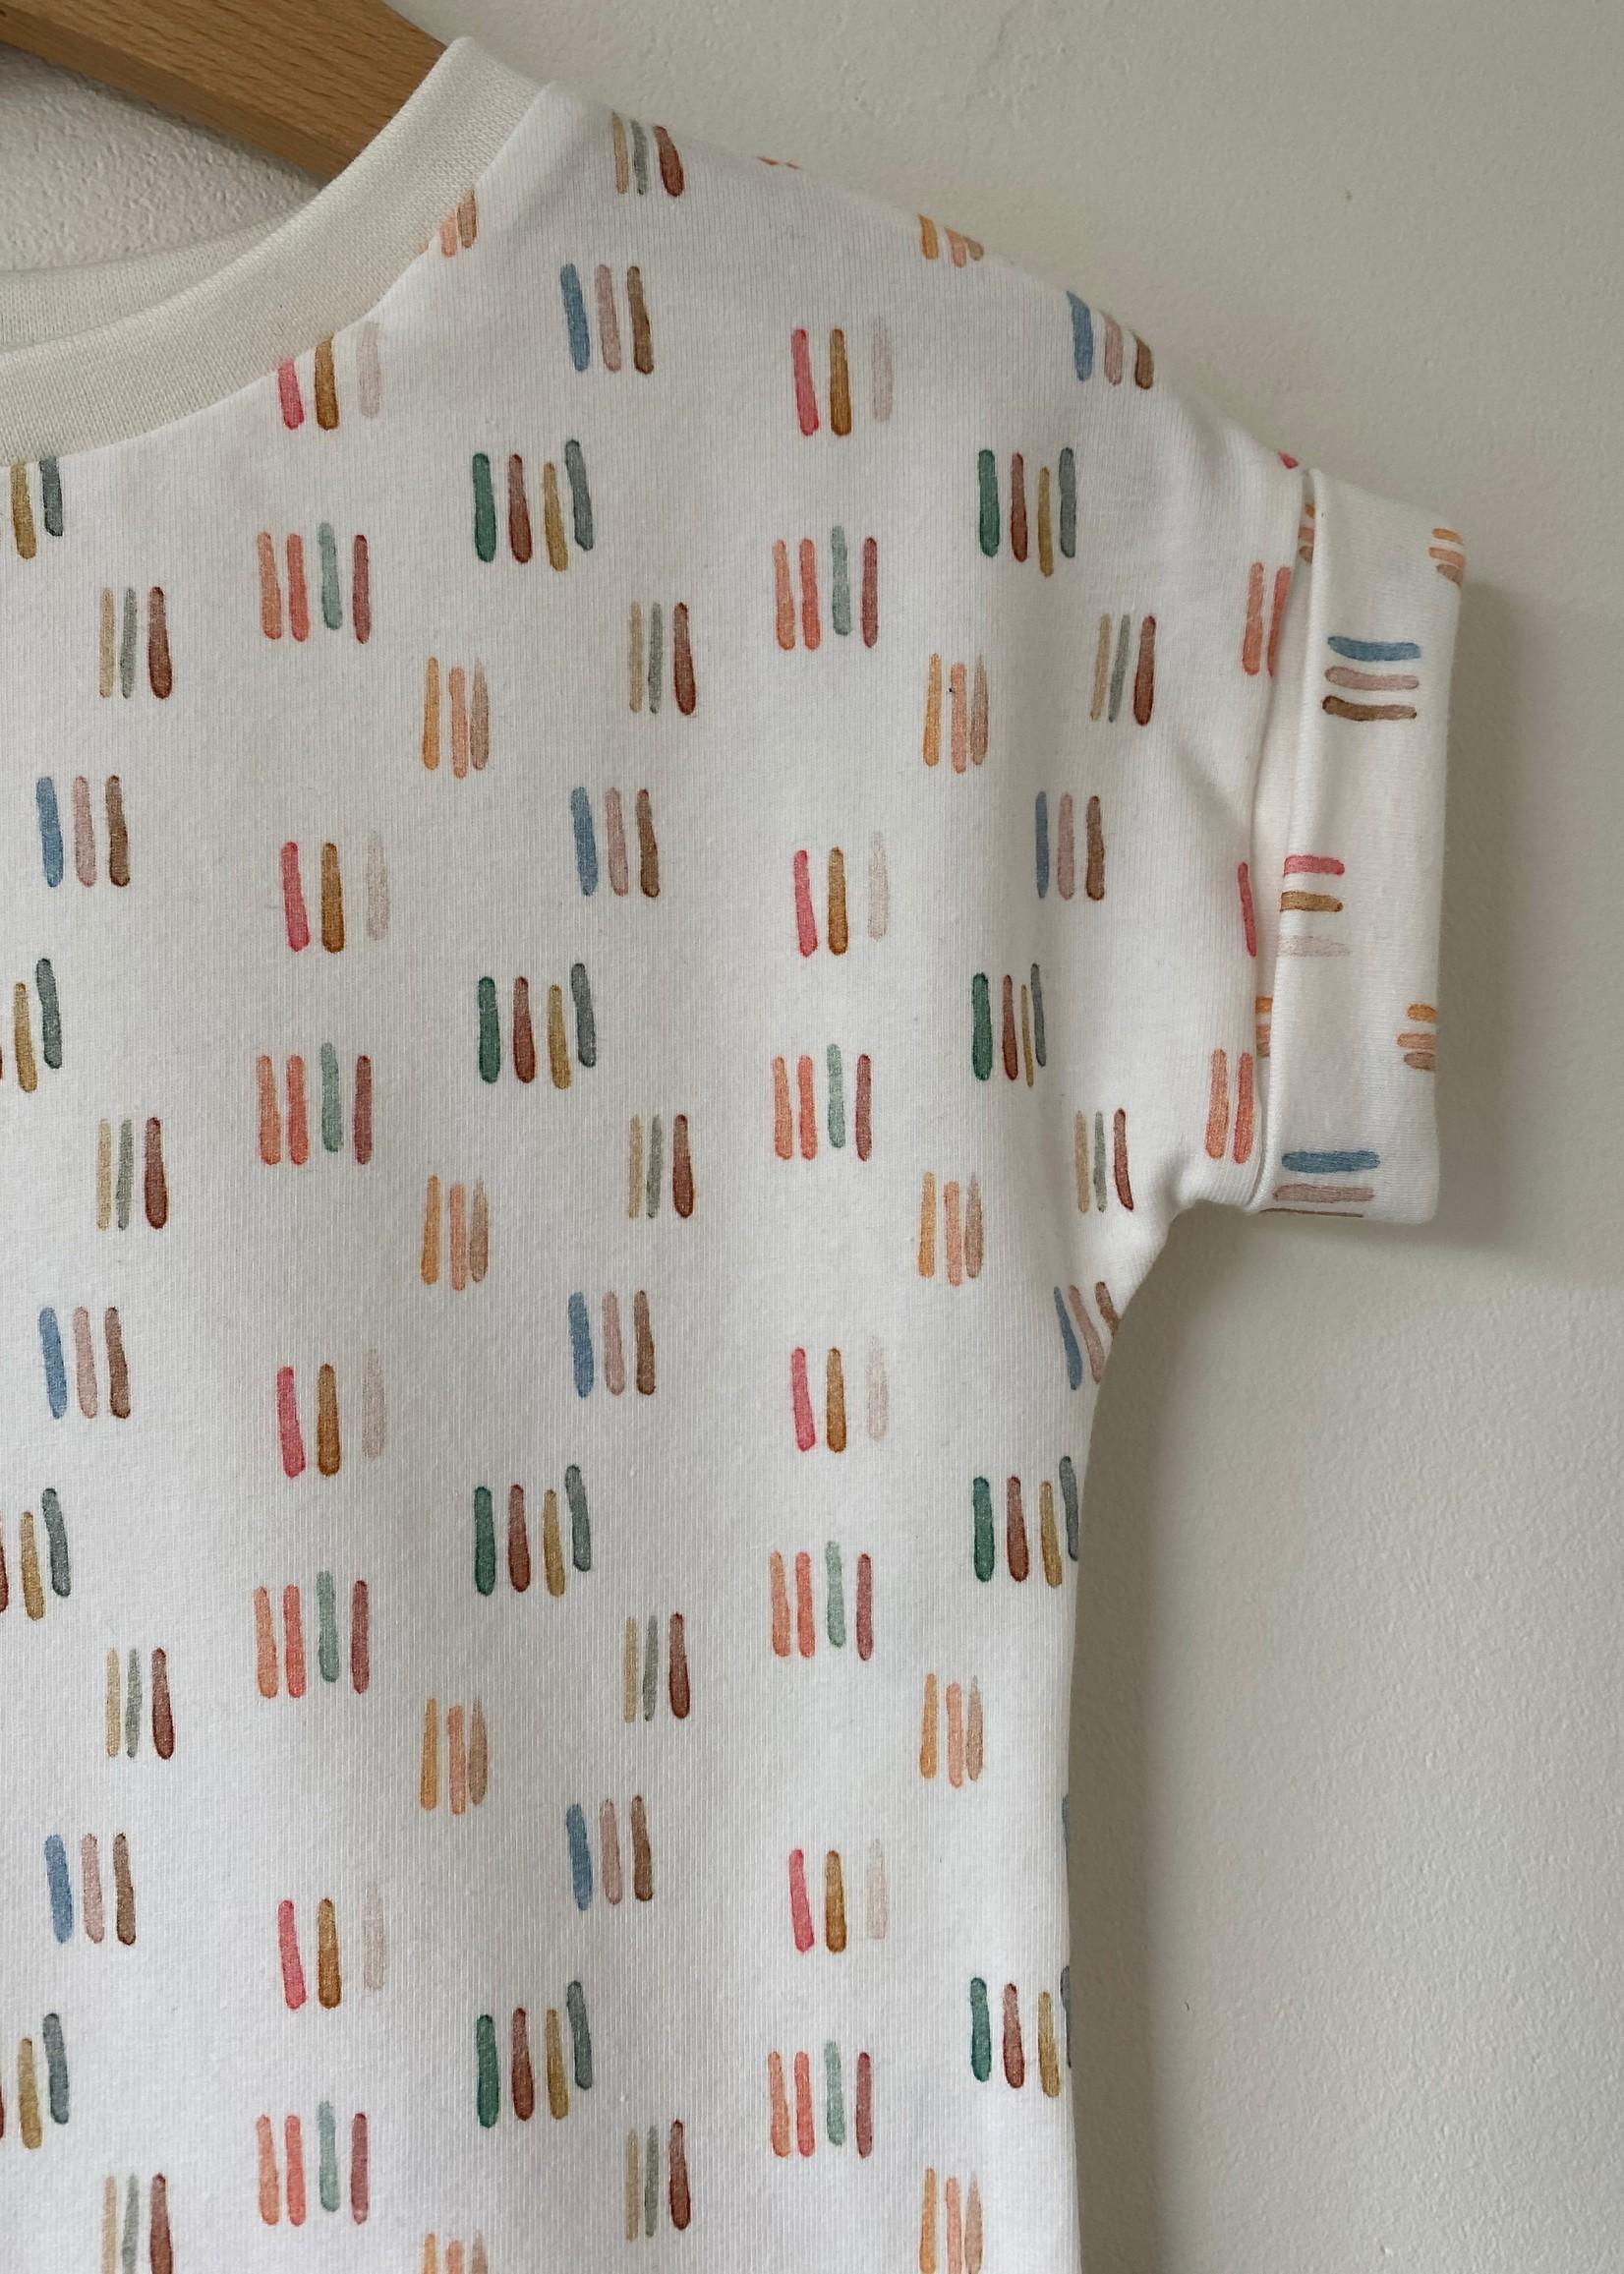 T-shirt Fons - verf streepjes